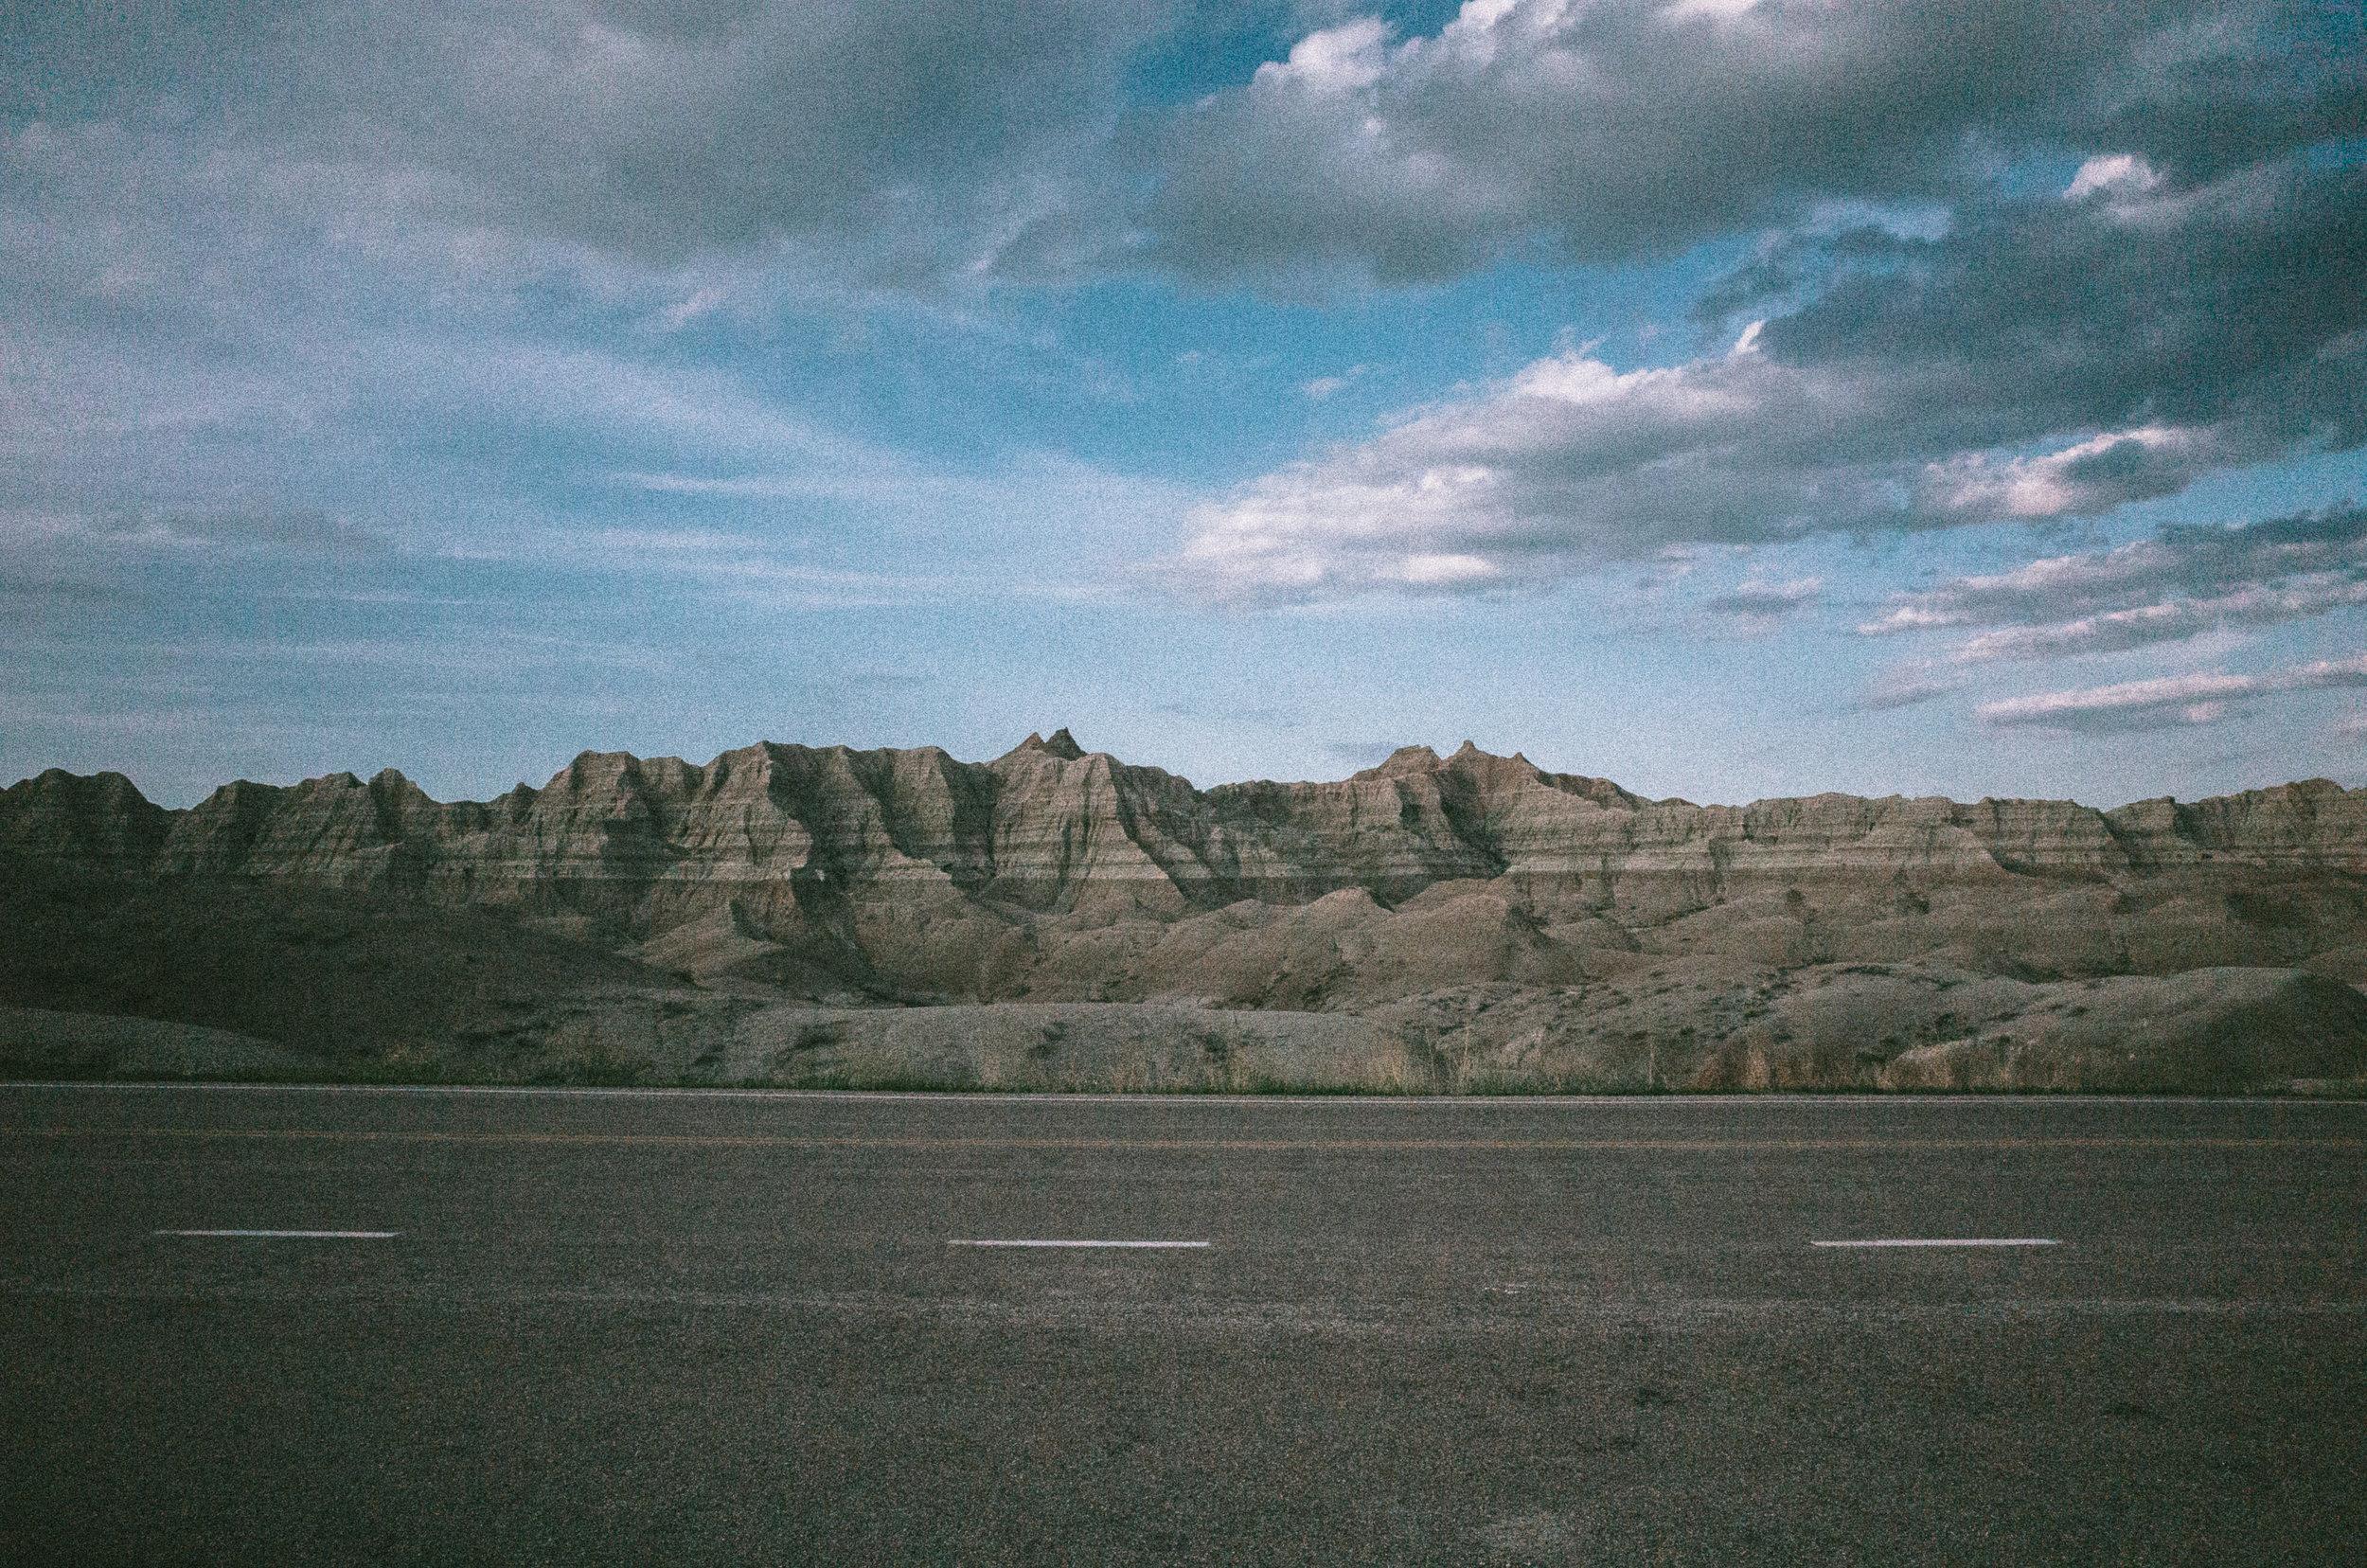 Roadtrip_KaveerRai_19.jpg